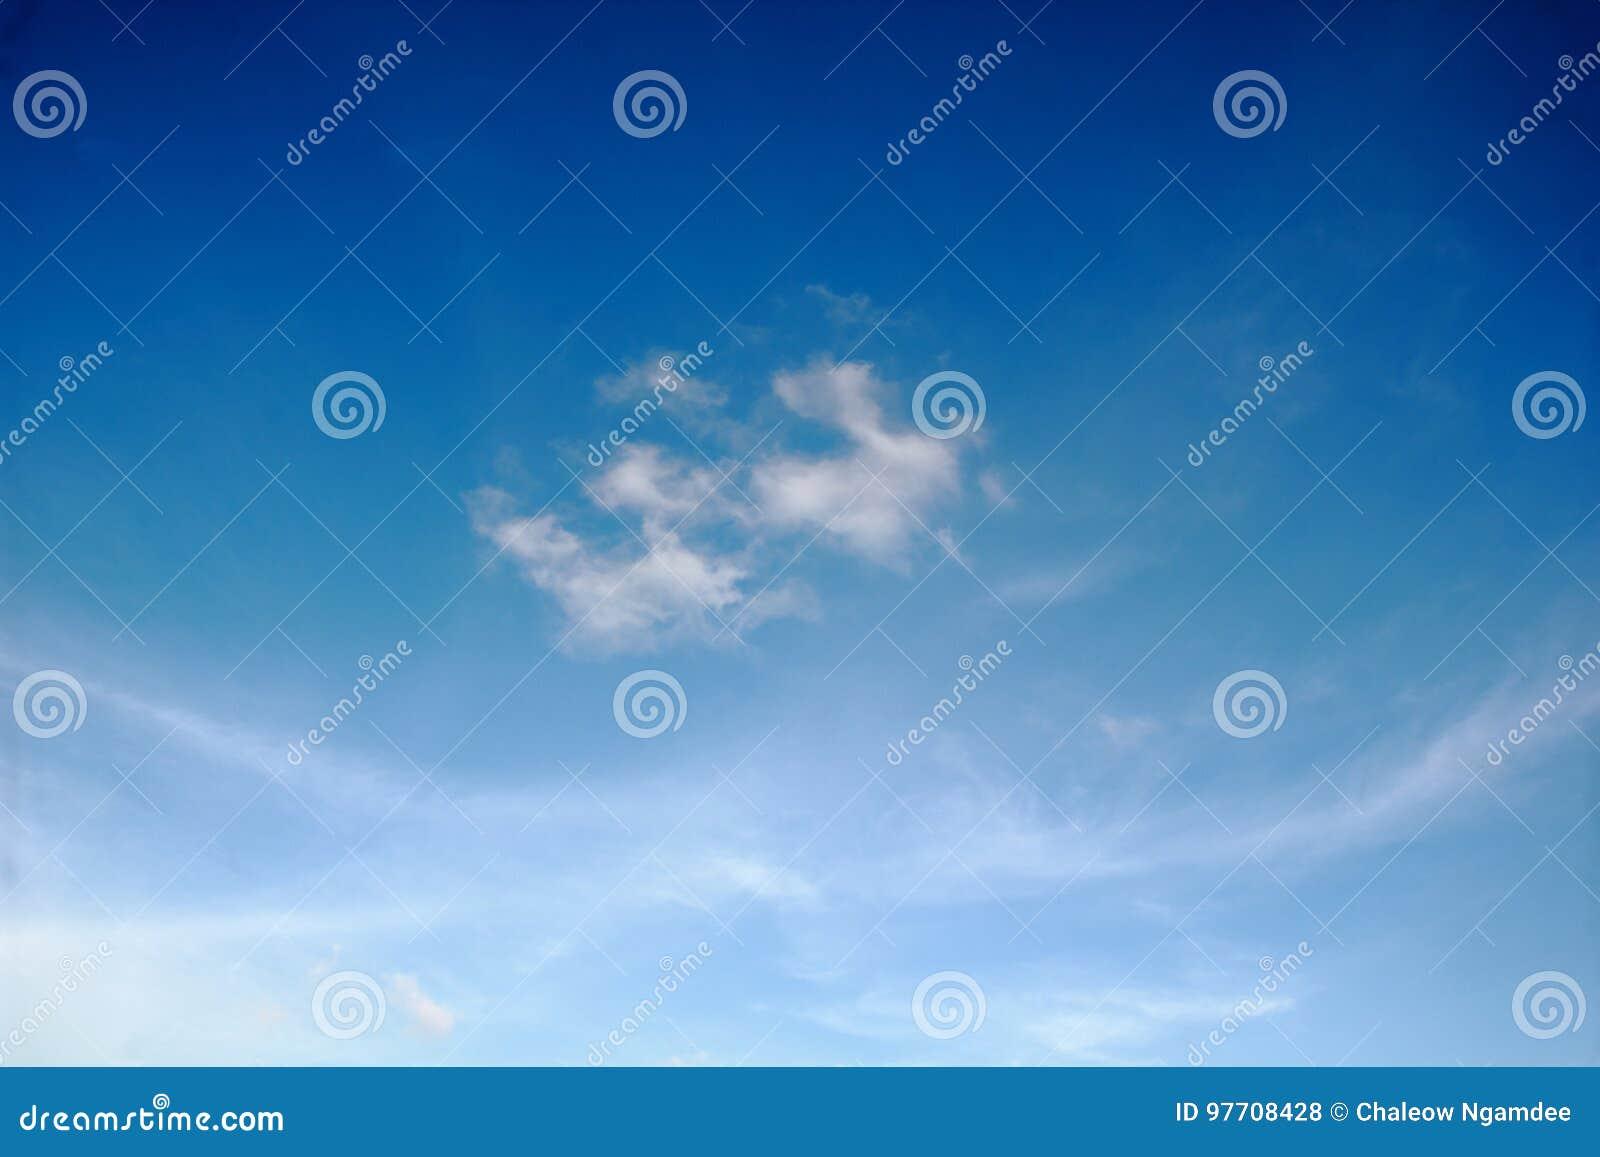 Nuvens brancas com céu azul